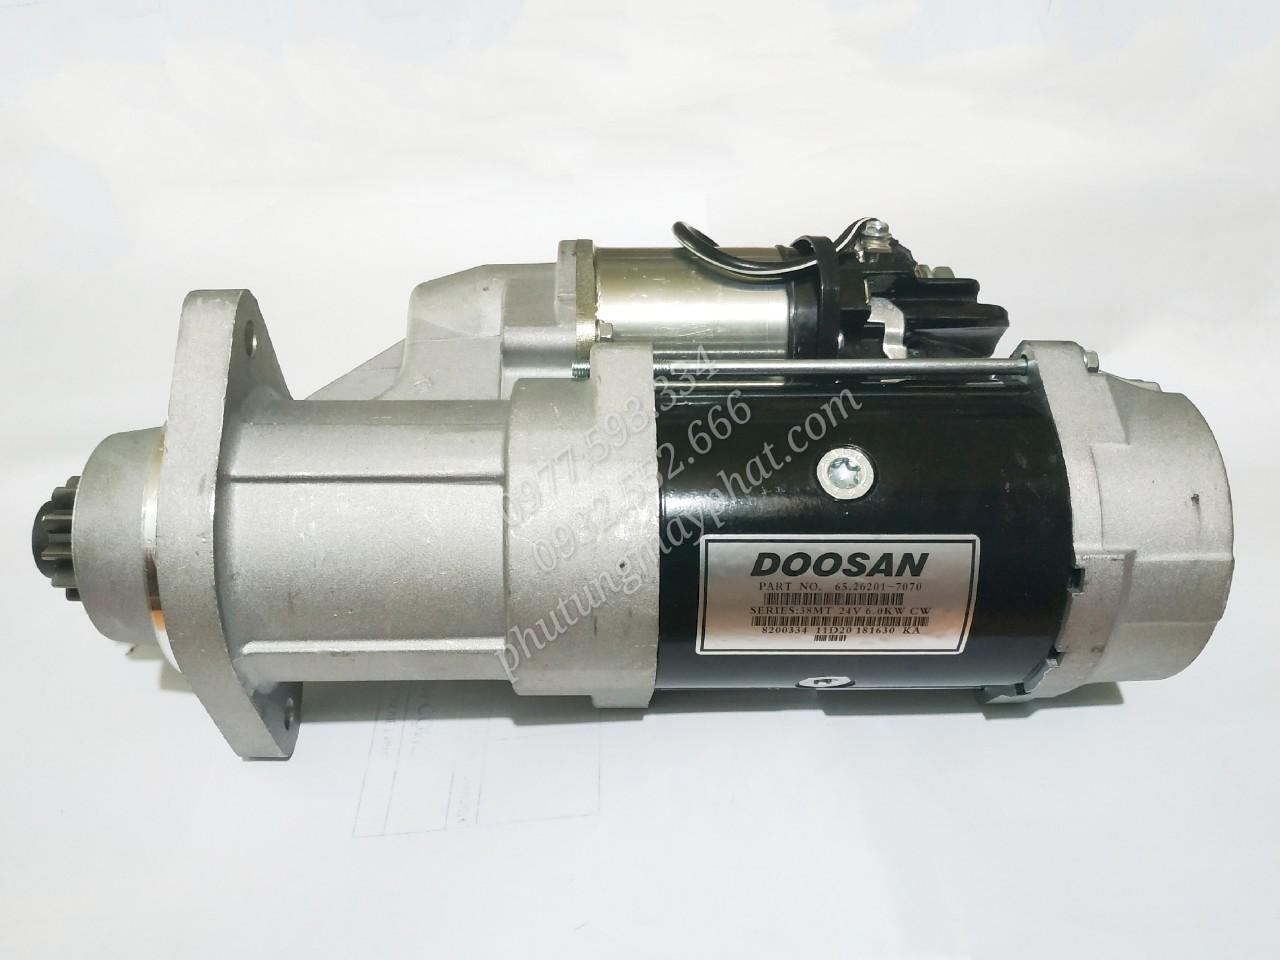 Doosan 65.26201-7070